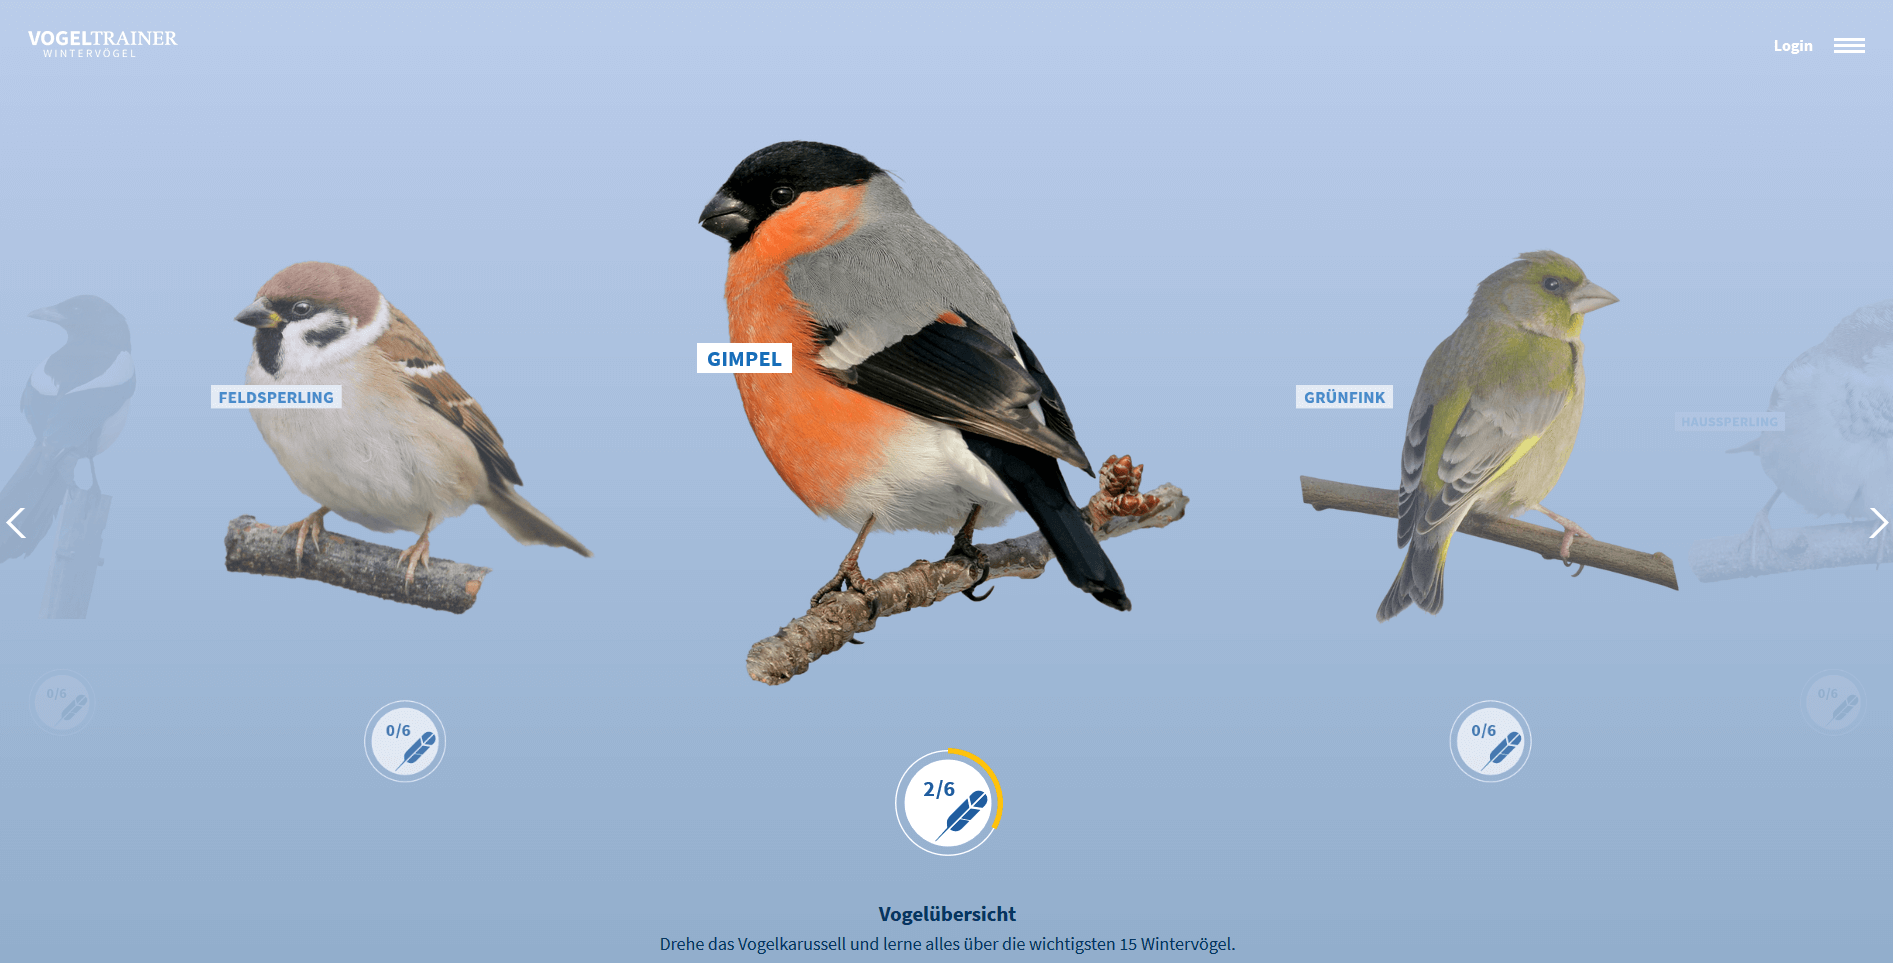 Vogeltrainer Vogelübersicht